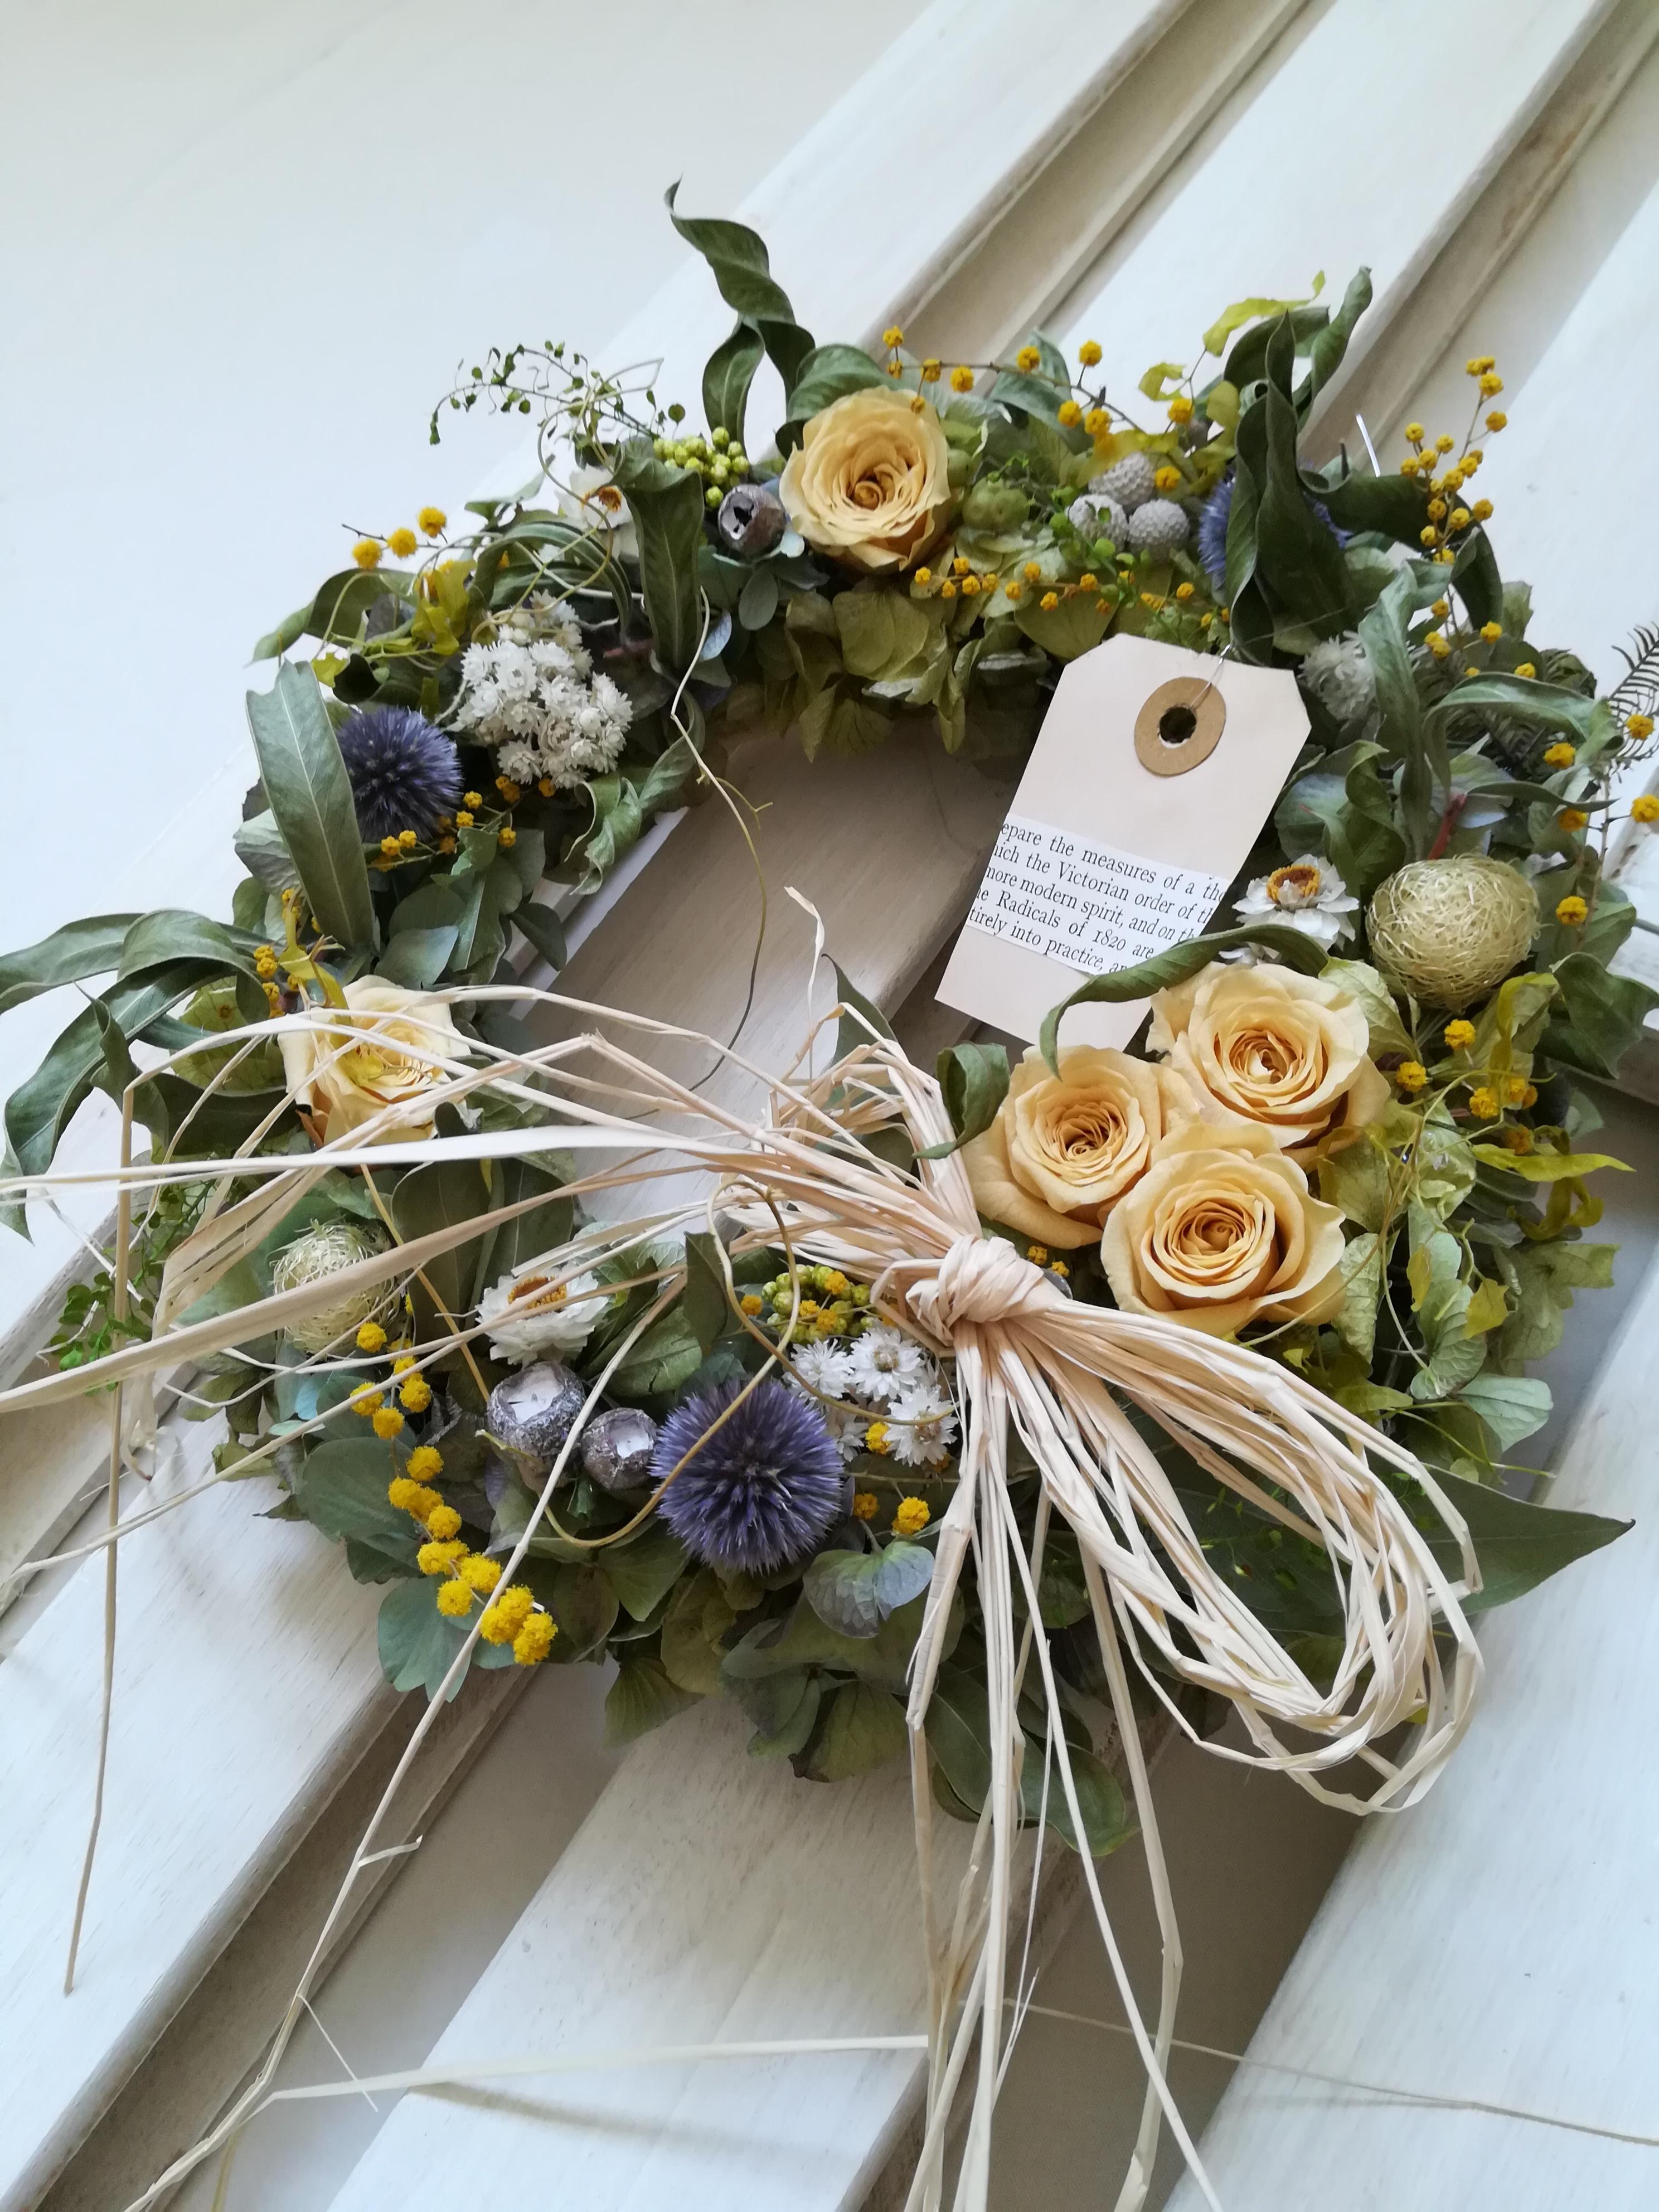 黄バラとミモザのgarden Wreath Iichi ハンドメイド クラフト作品 手仕事品の通販